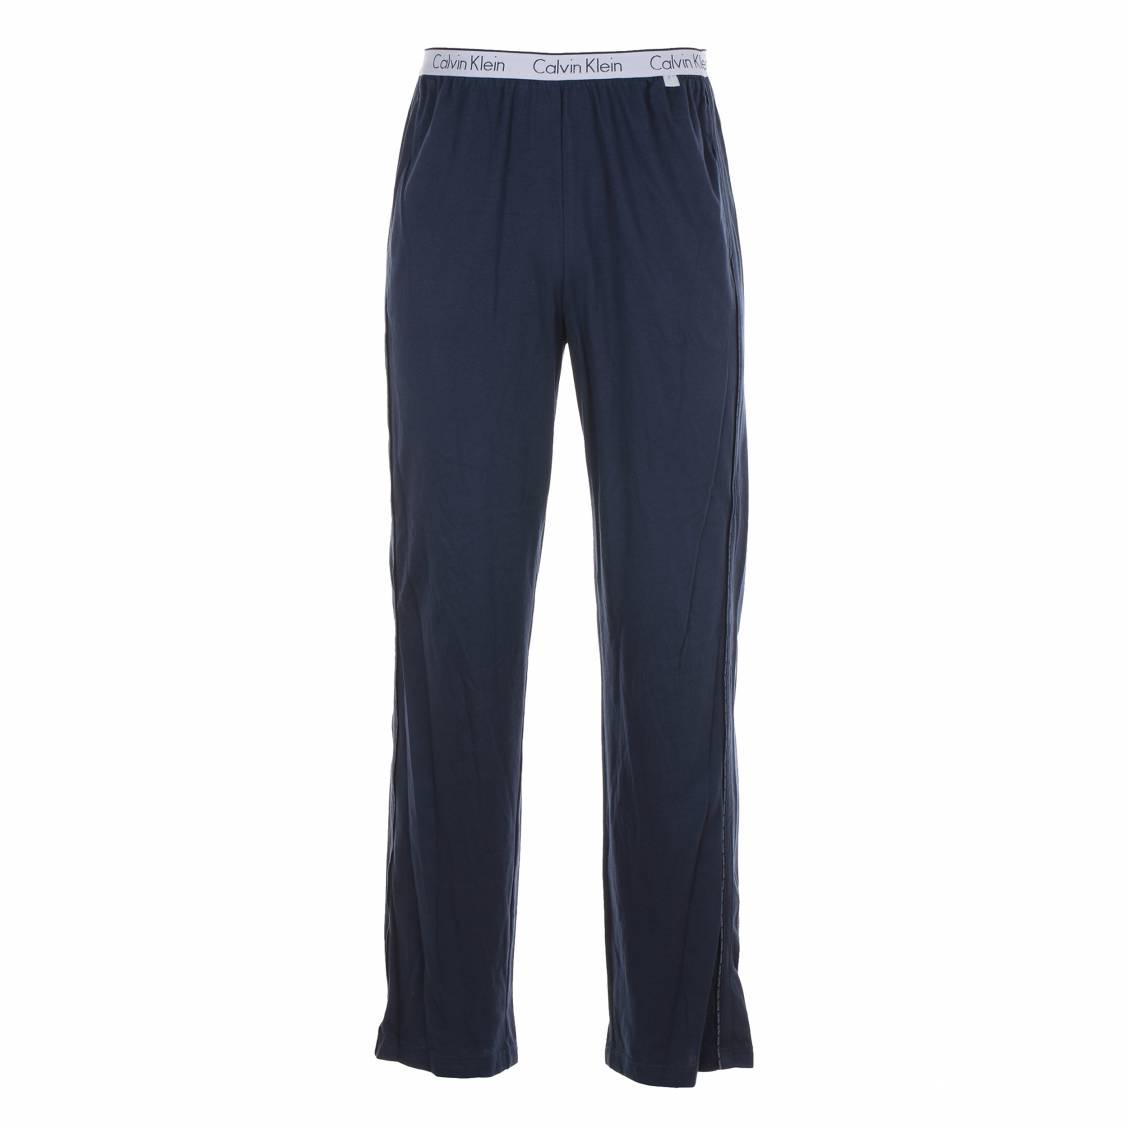 pantalon d 39 int rieur calvin klein 100 coton bleu marine rue des hommes. Black Bedroom Furniture Sets. Home Design Ideas